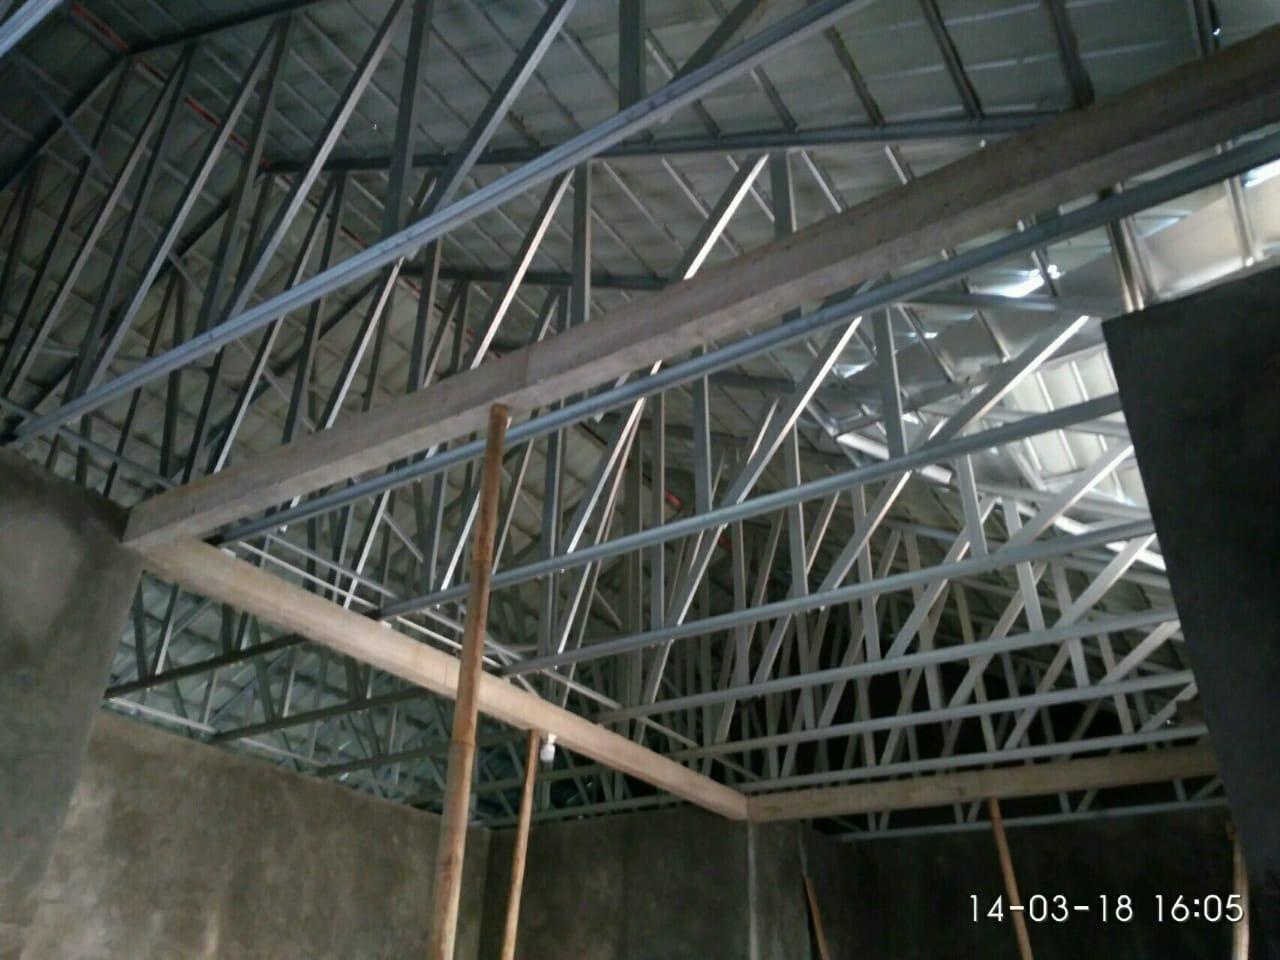 harga kanopi baja ringan per meter persegi dan rangka atap